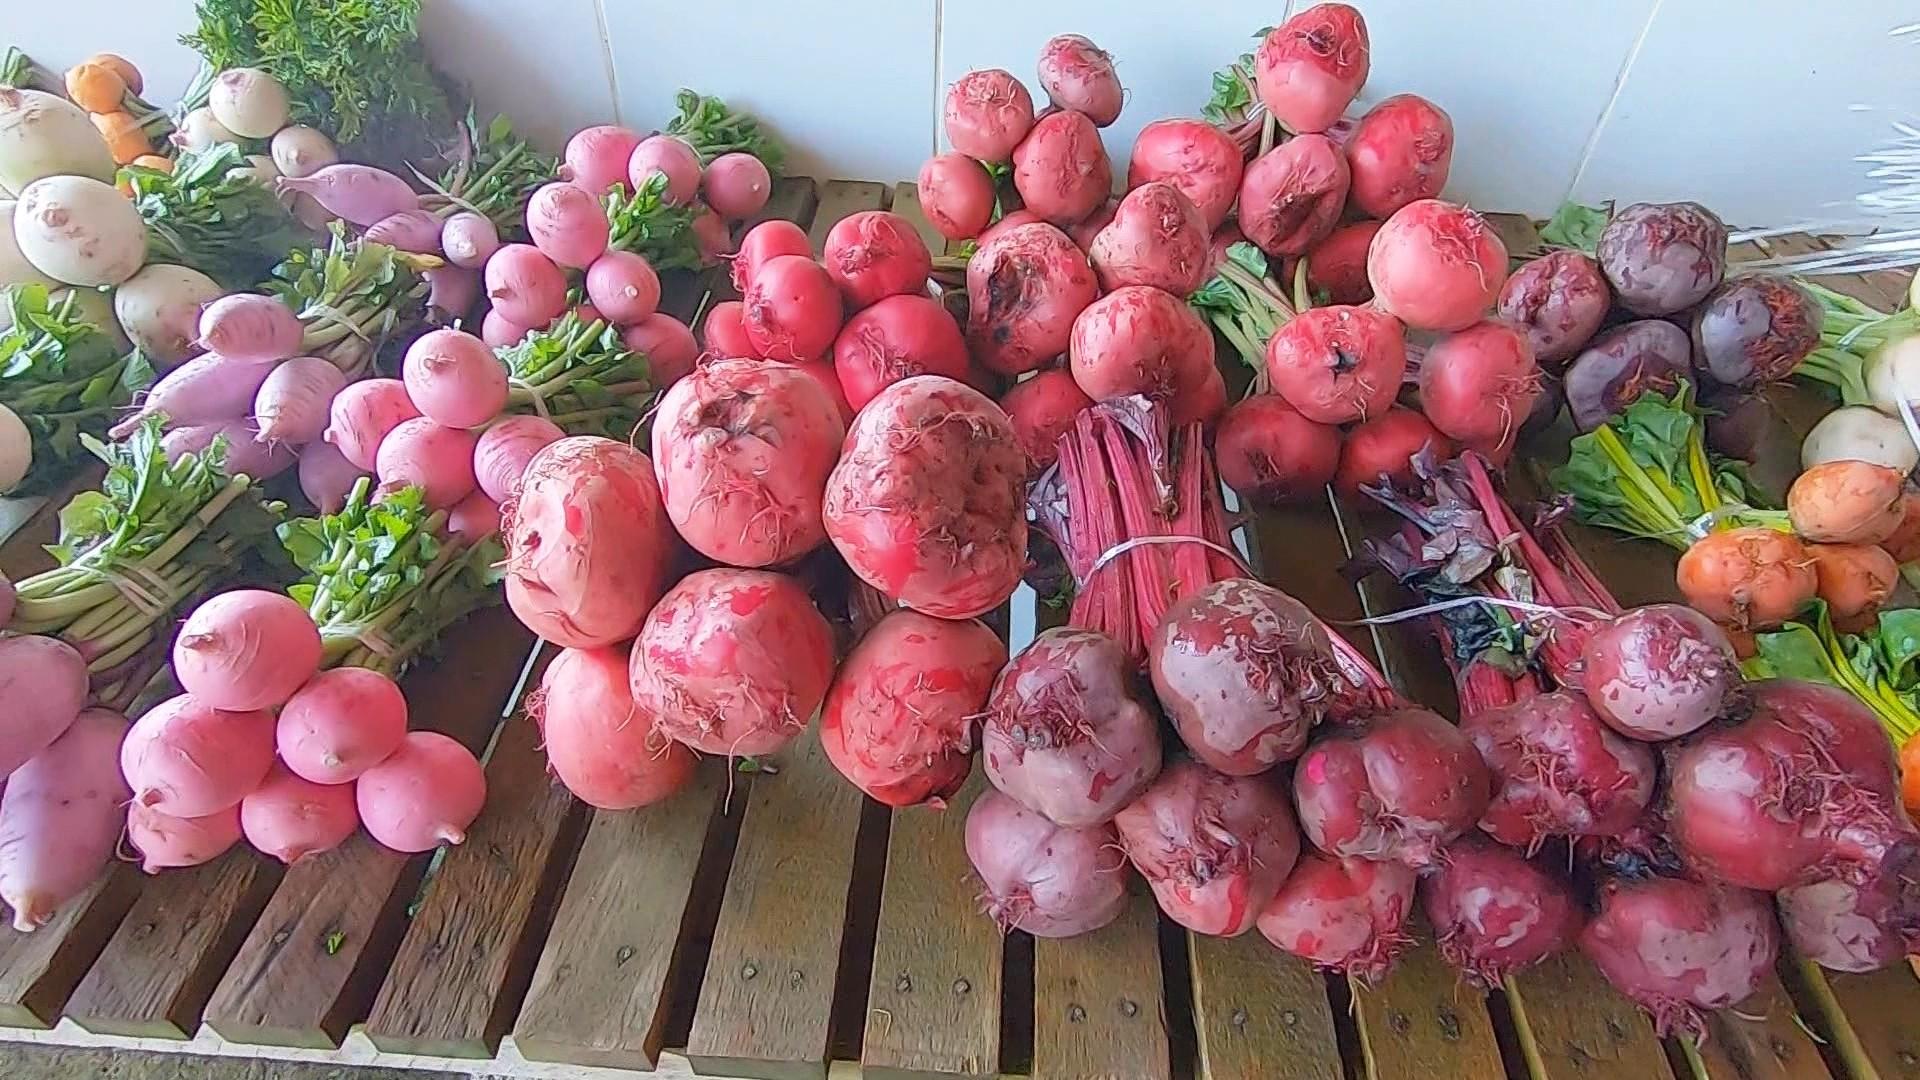 Agricultor planta hortaliças para restaurantes de alta gastronomia